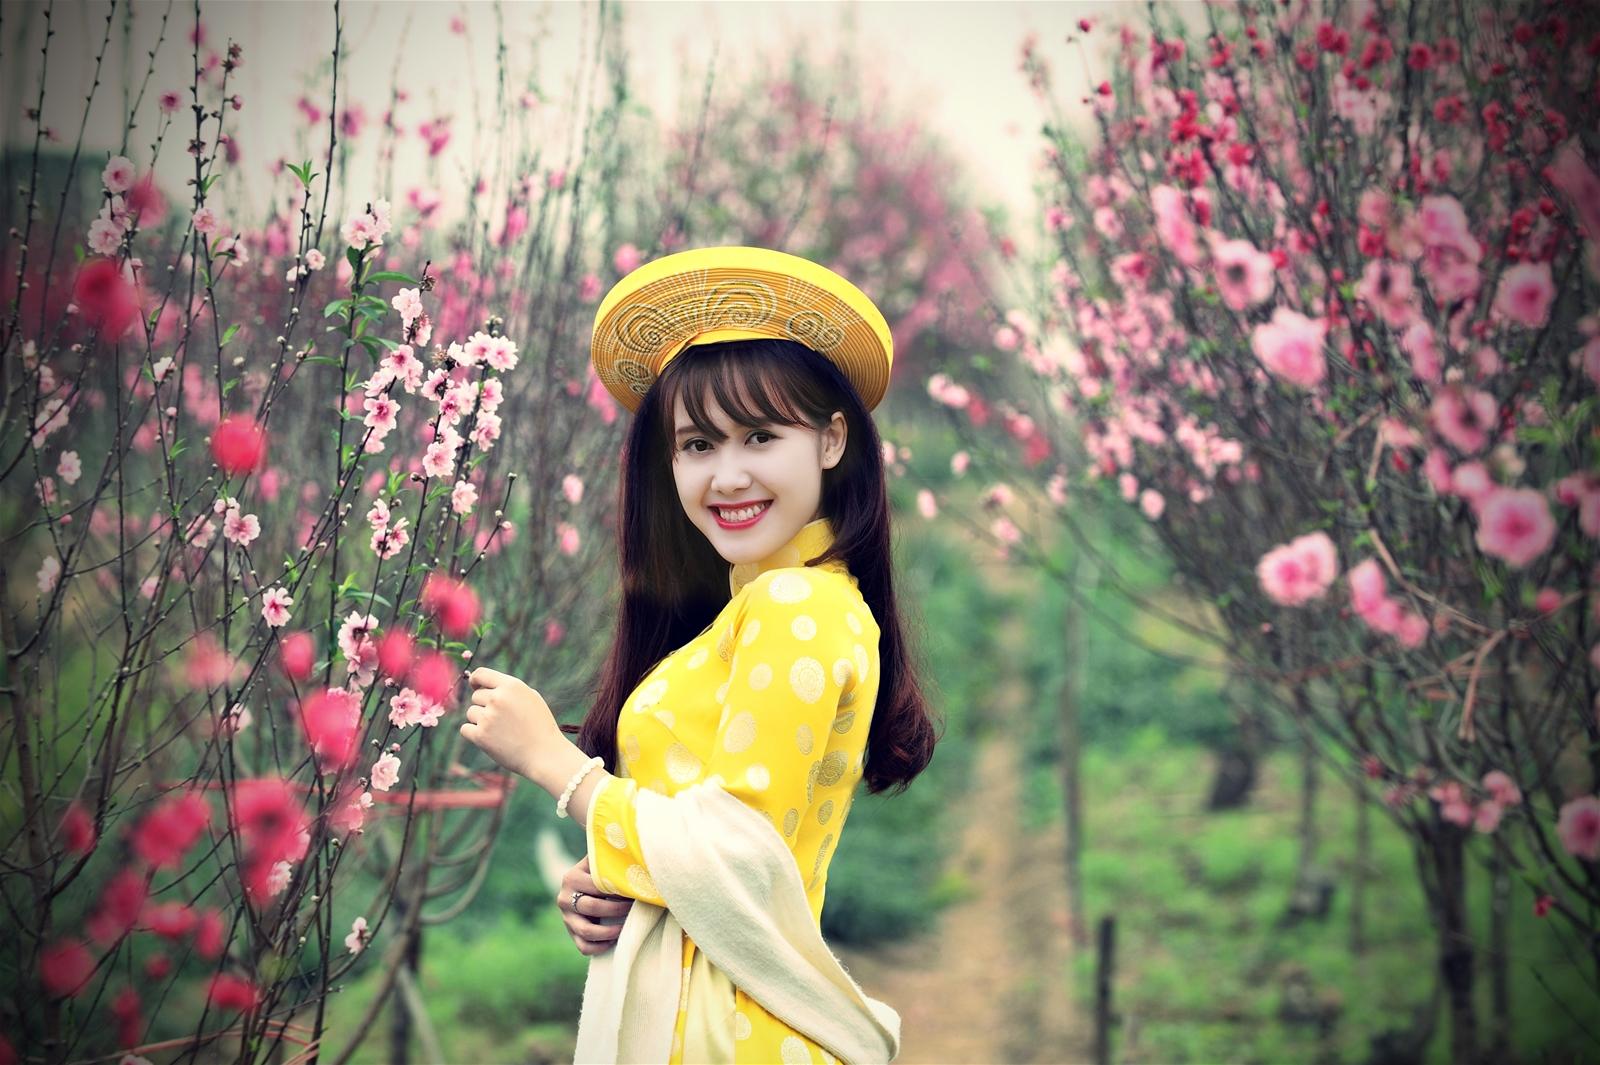 dịch vụ chụp ảnh nghệ thuật Tết giá rẻ ở Hà Nội